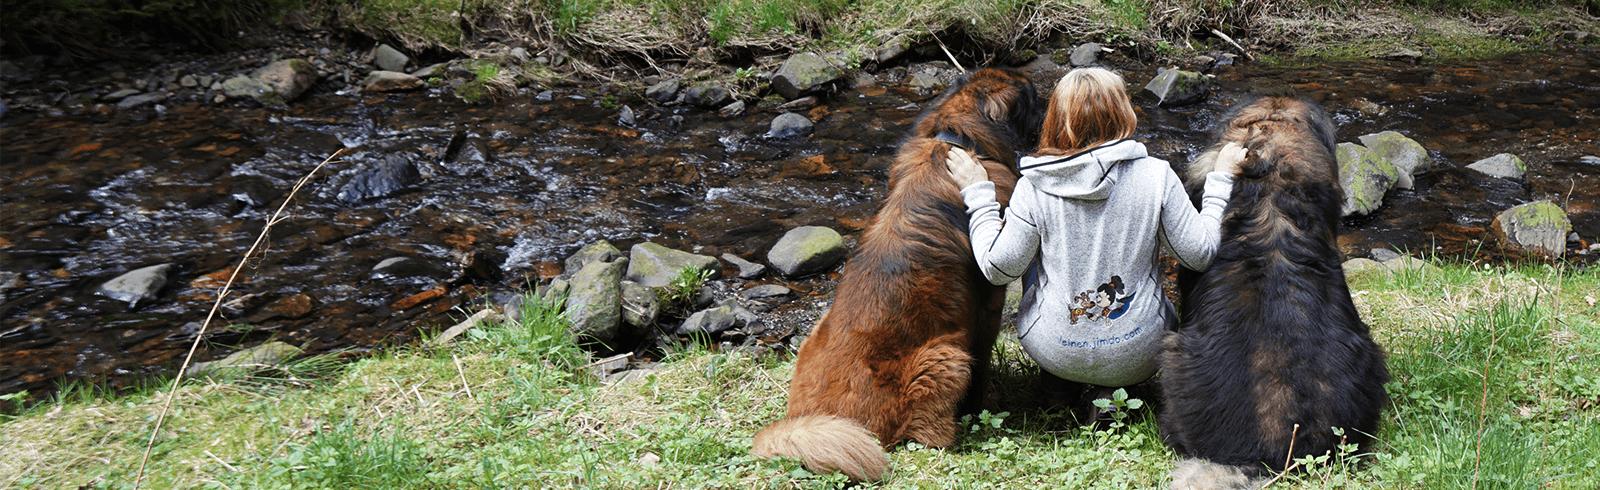 Antje Neef mit ihren Hunden vertreibt Hundeleinen mit Hilfe von WISO Mein Büro